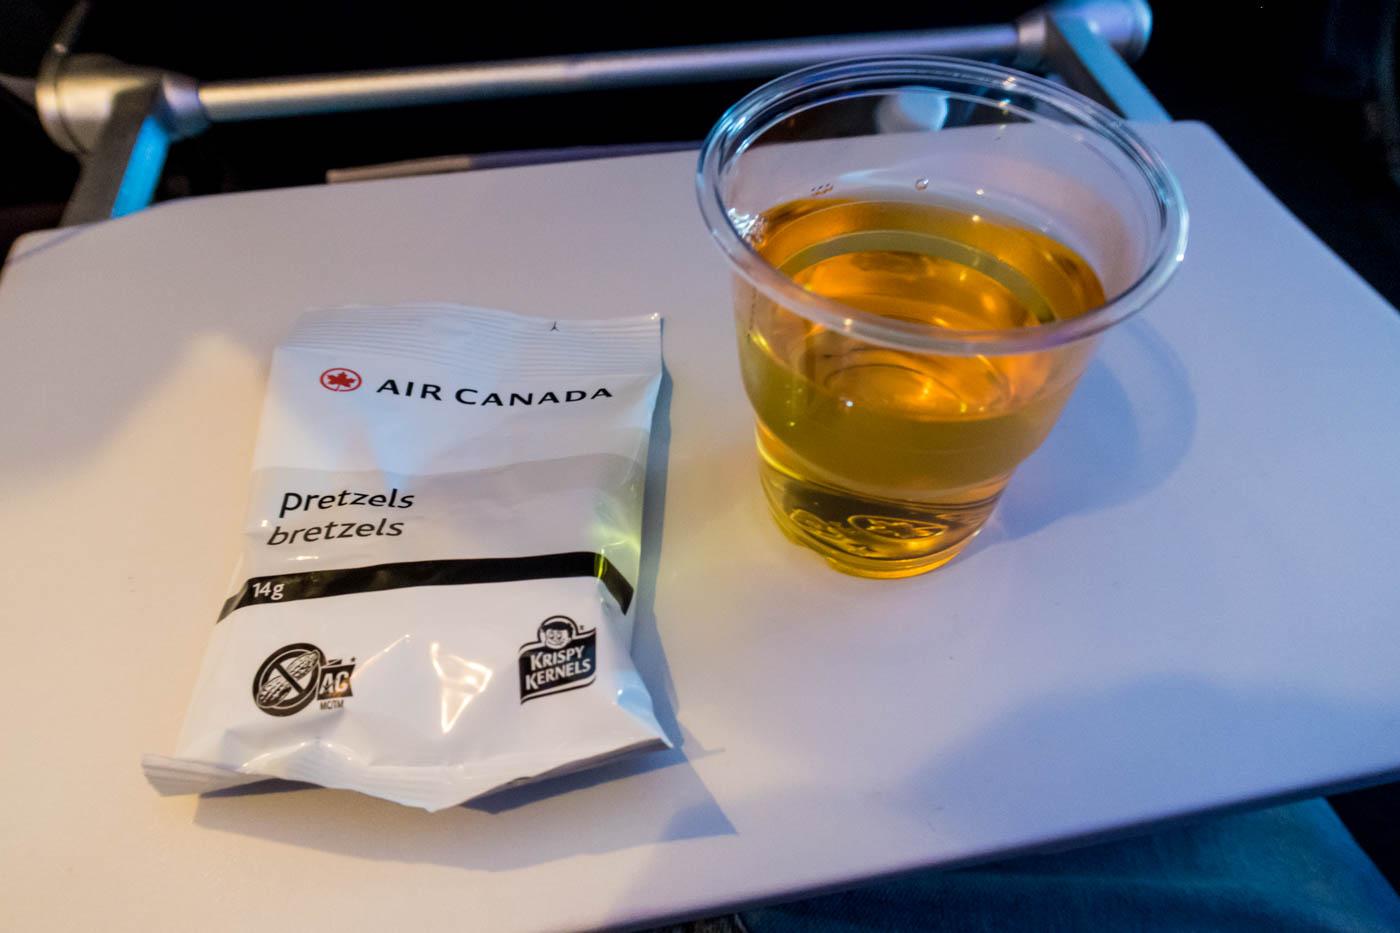 Air Canada Pretzels